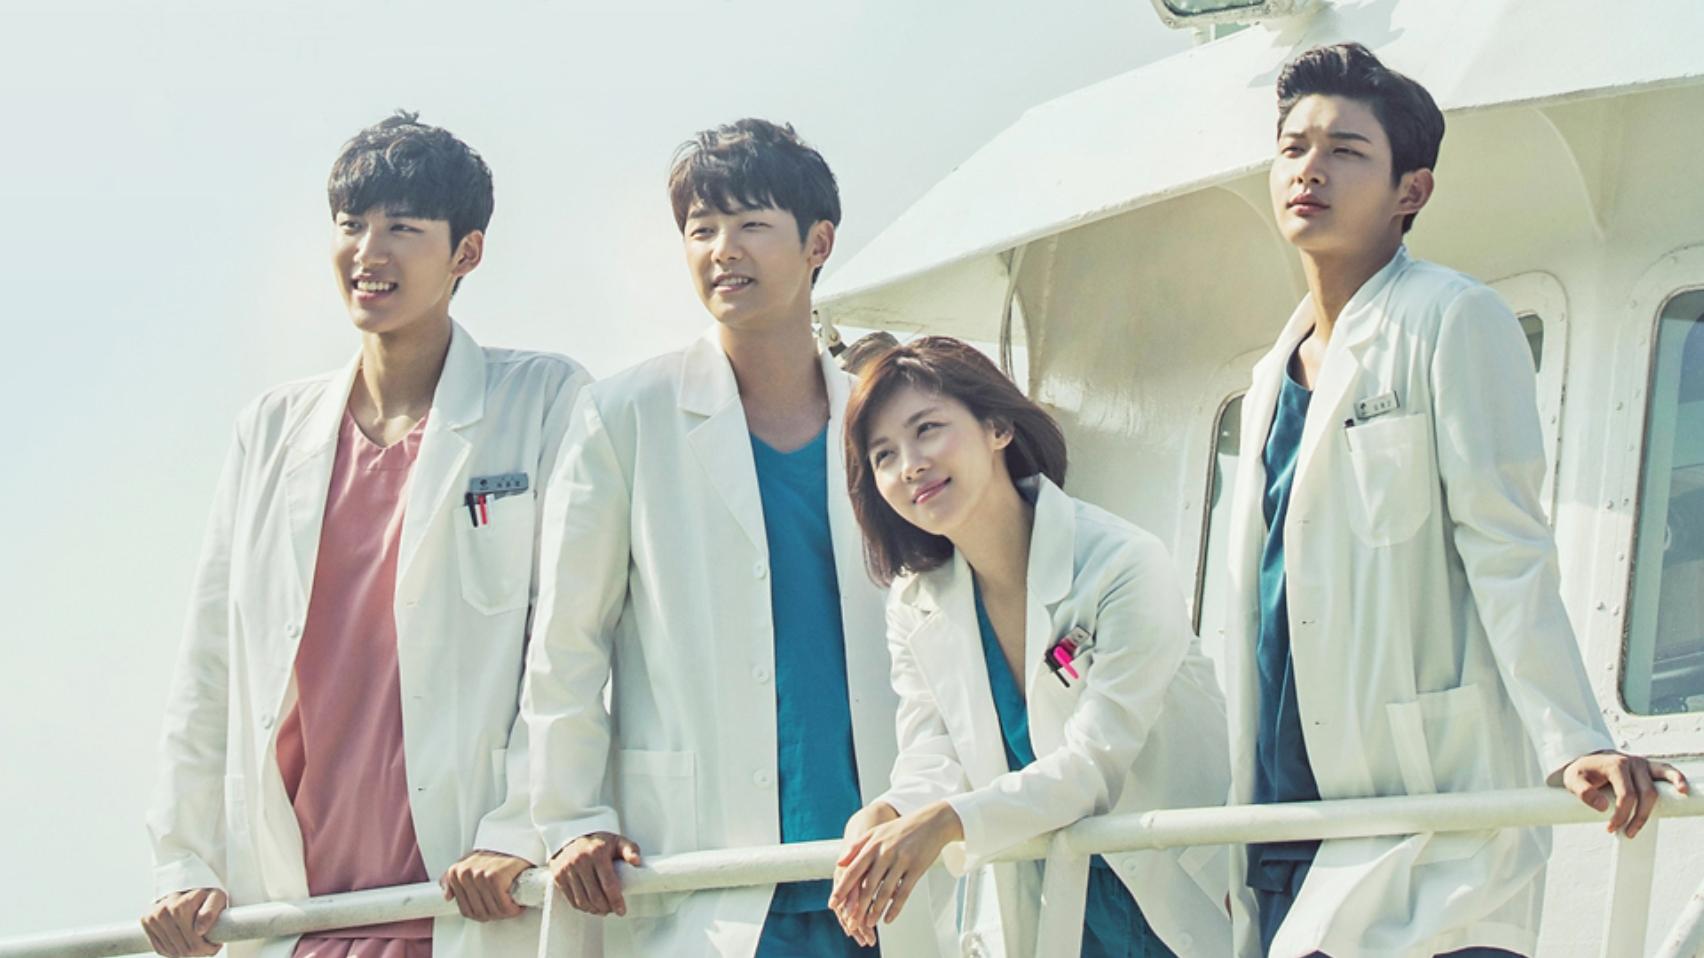 Top phim Hàn Quốc về đề tài bác sĩ hot nhất những năm gần đây - Ảnh 4.